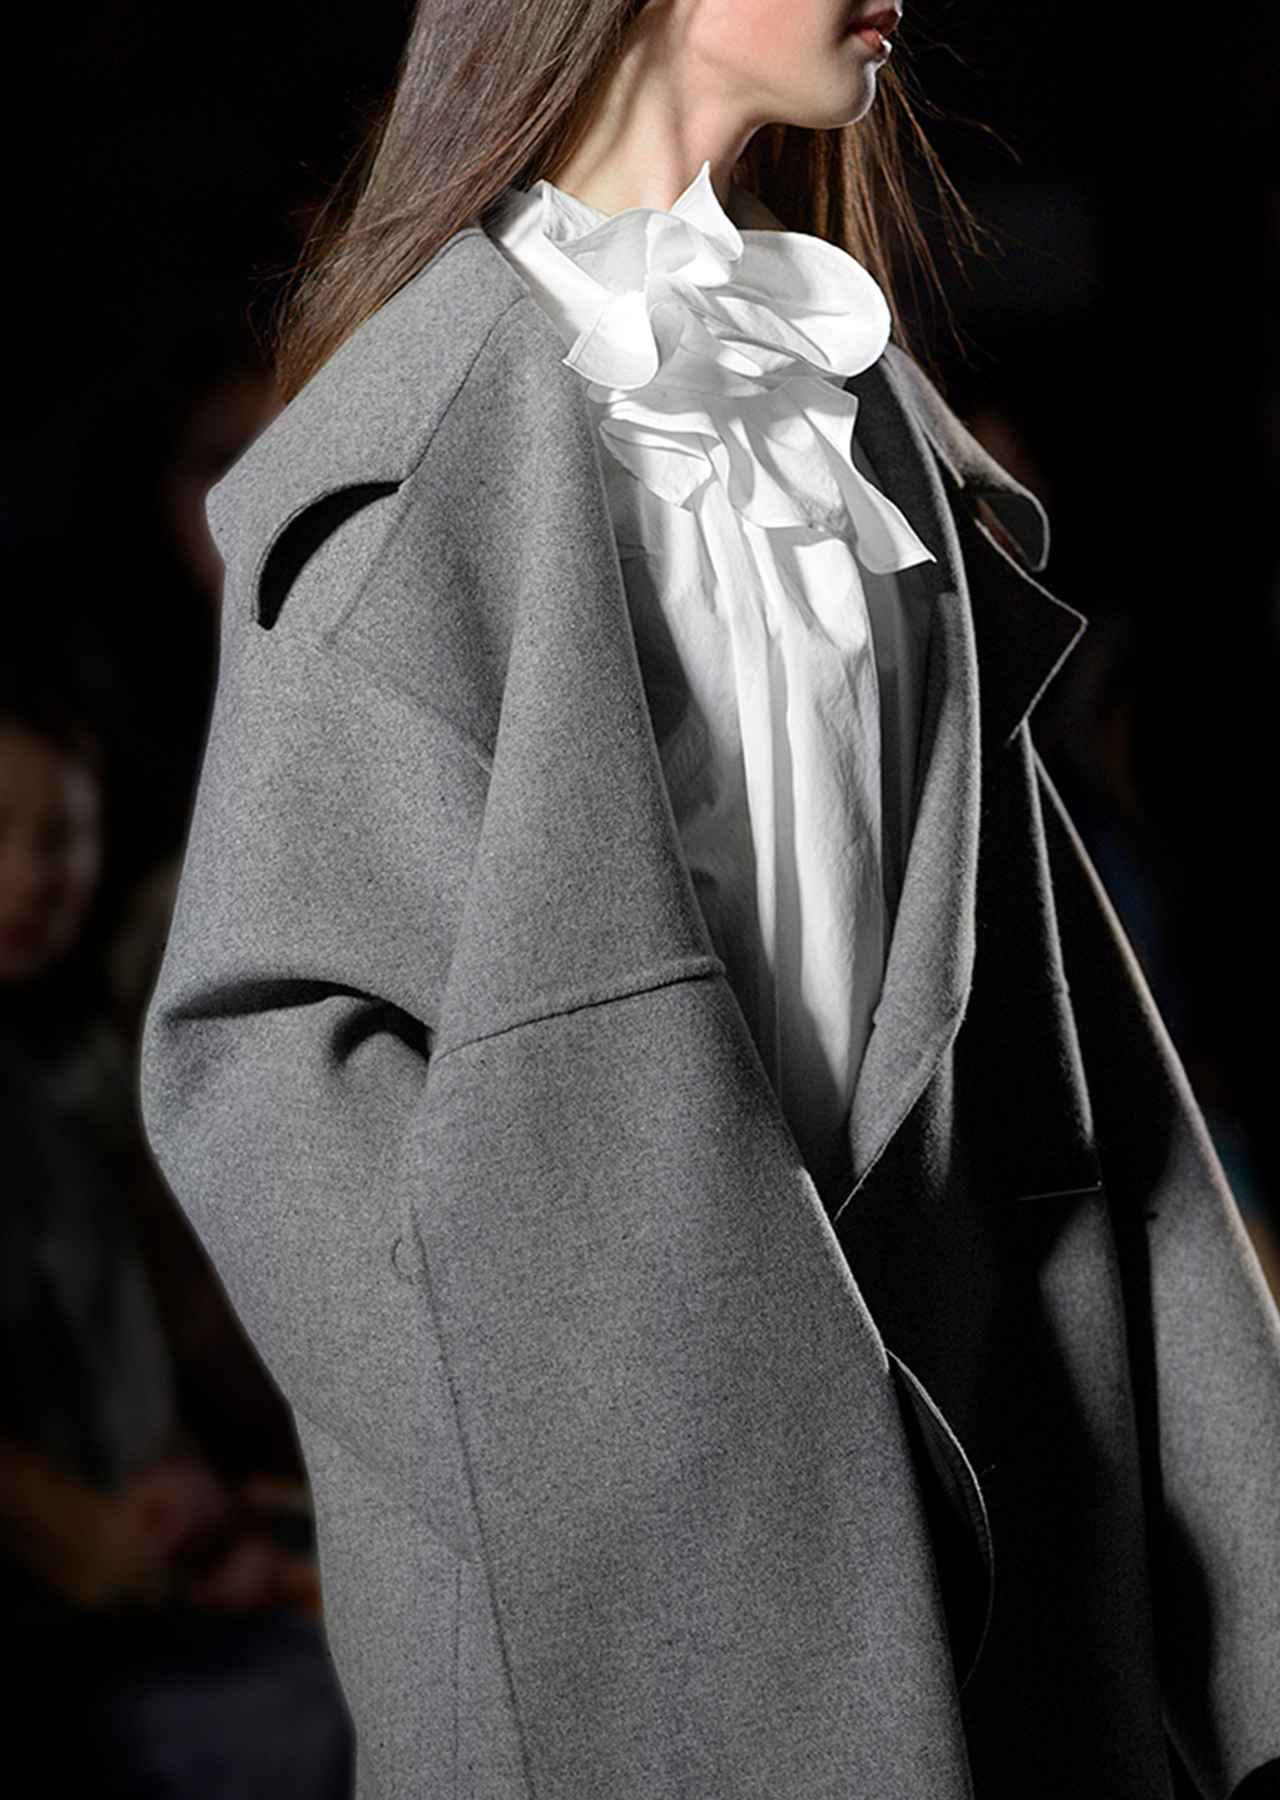 Images : 2番目の画像 - 「いい服に、ありがとう。 「サポートサーフェス」の服が 着心地よく美しい理由」のアルバム - T JAPAN:The New York Times Style Magazine 公式サイト